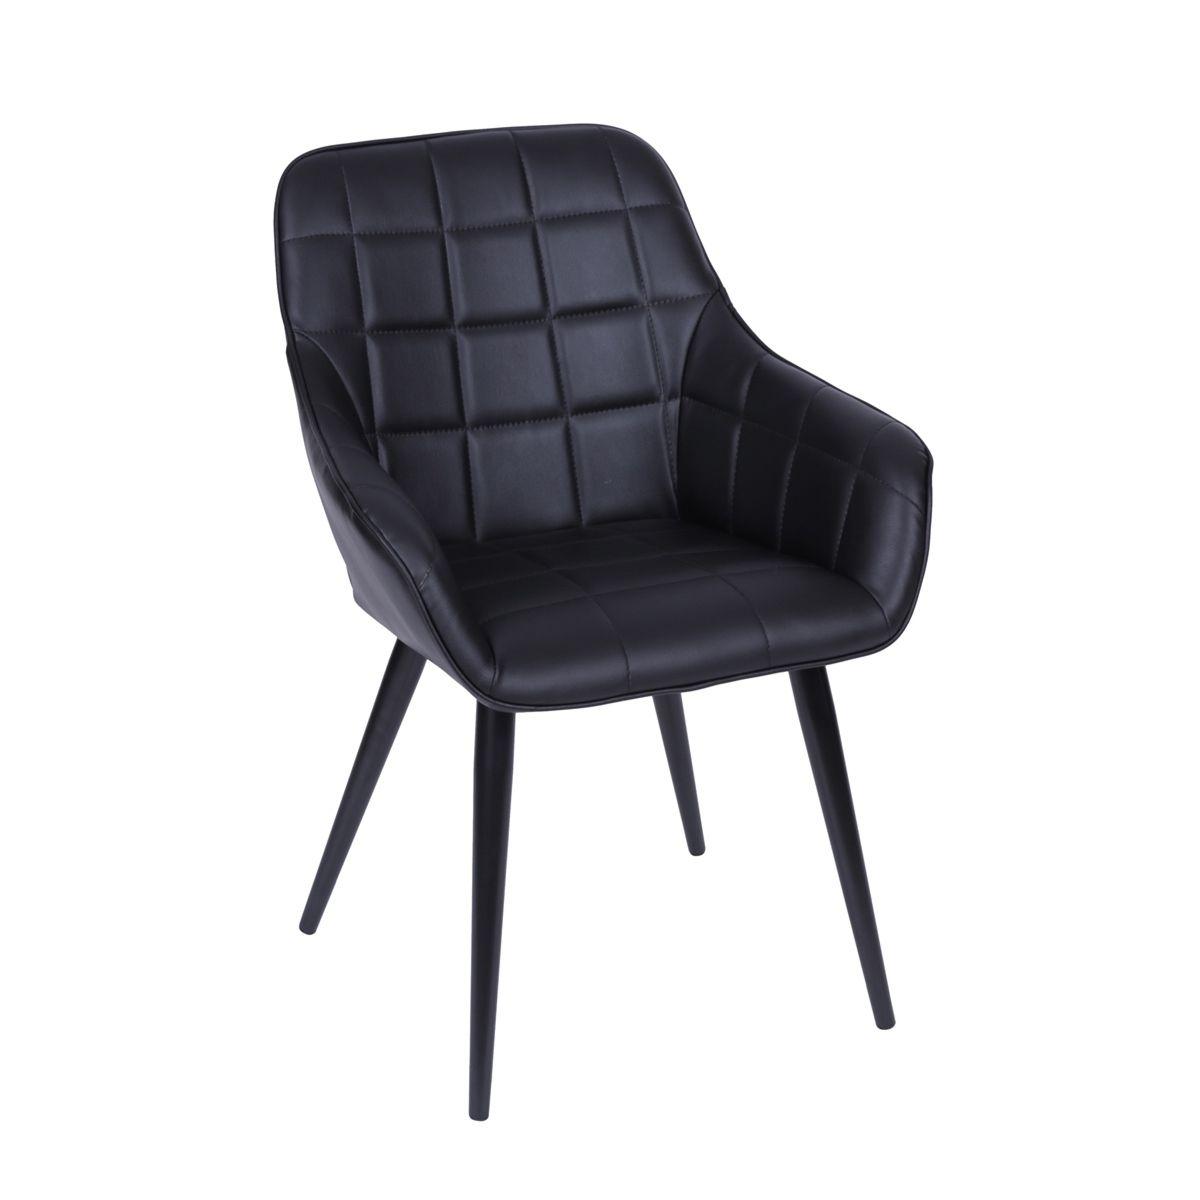 Cadeira Dubai com Braço Revestida em PU com Base em Metal - Várias Cores